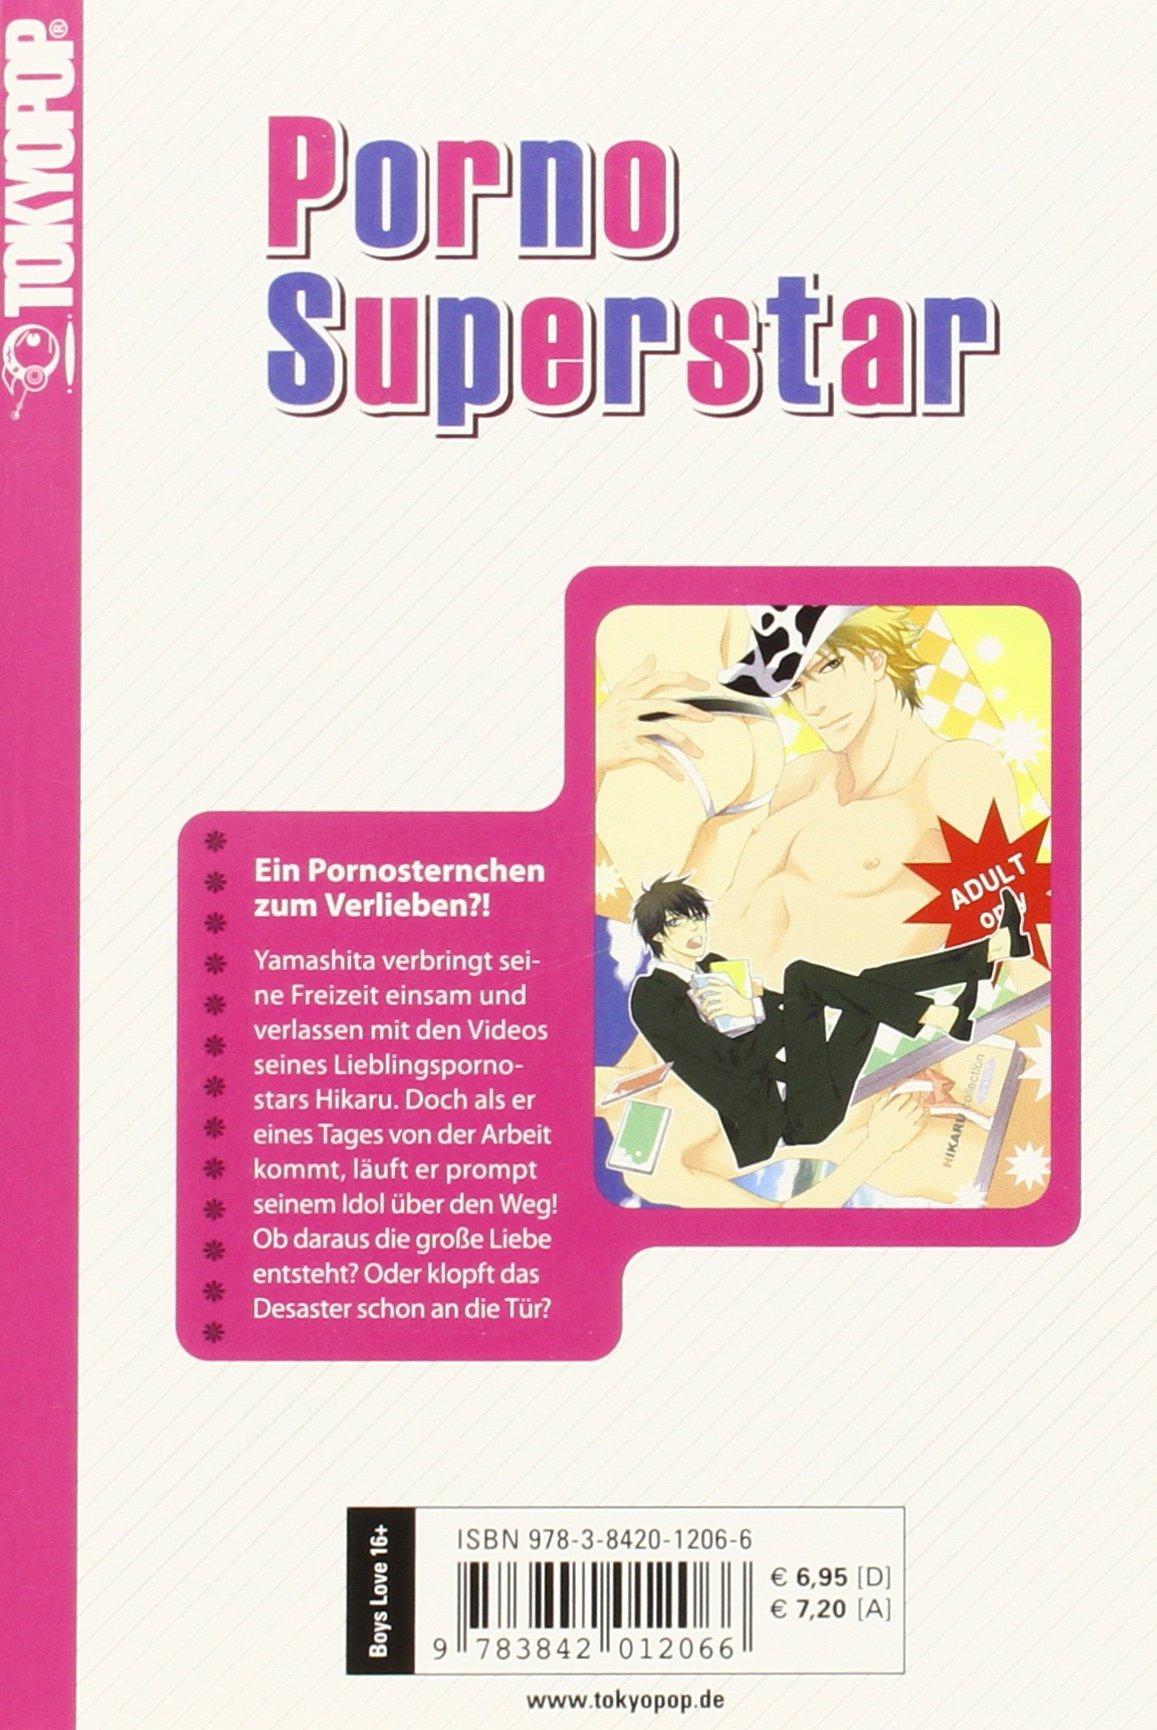 Porno-Superstar